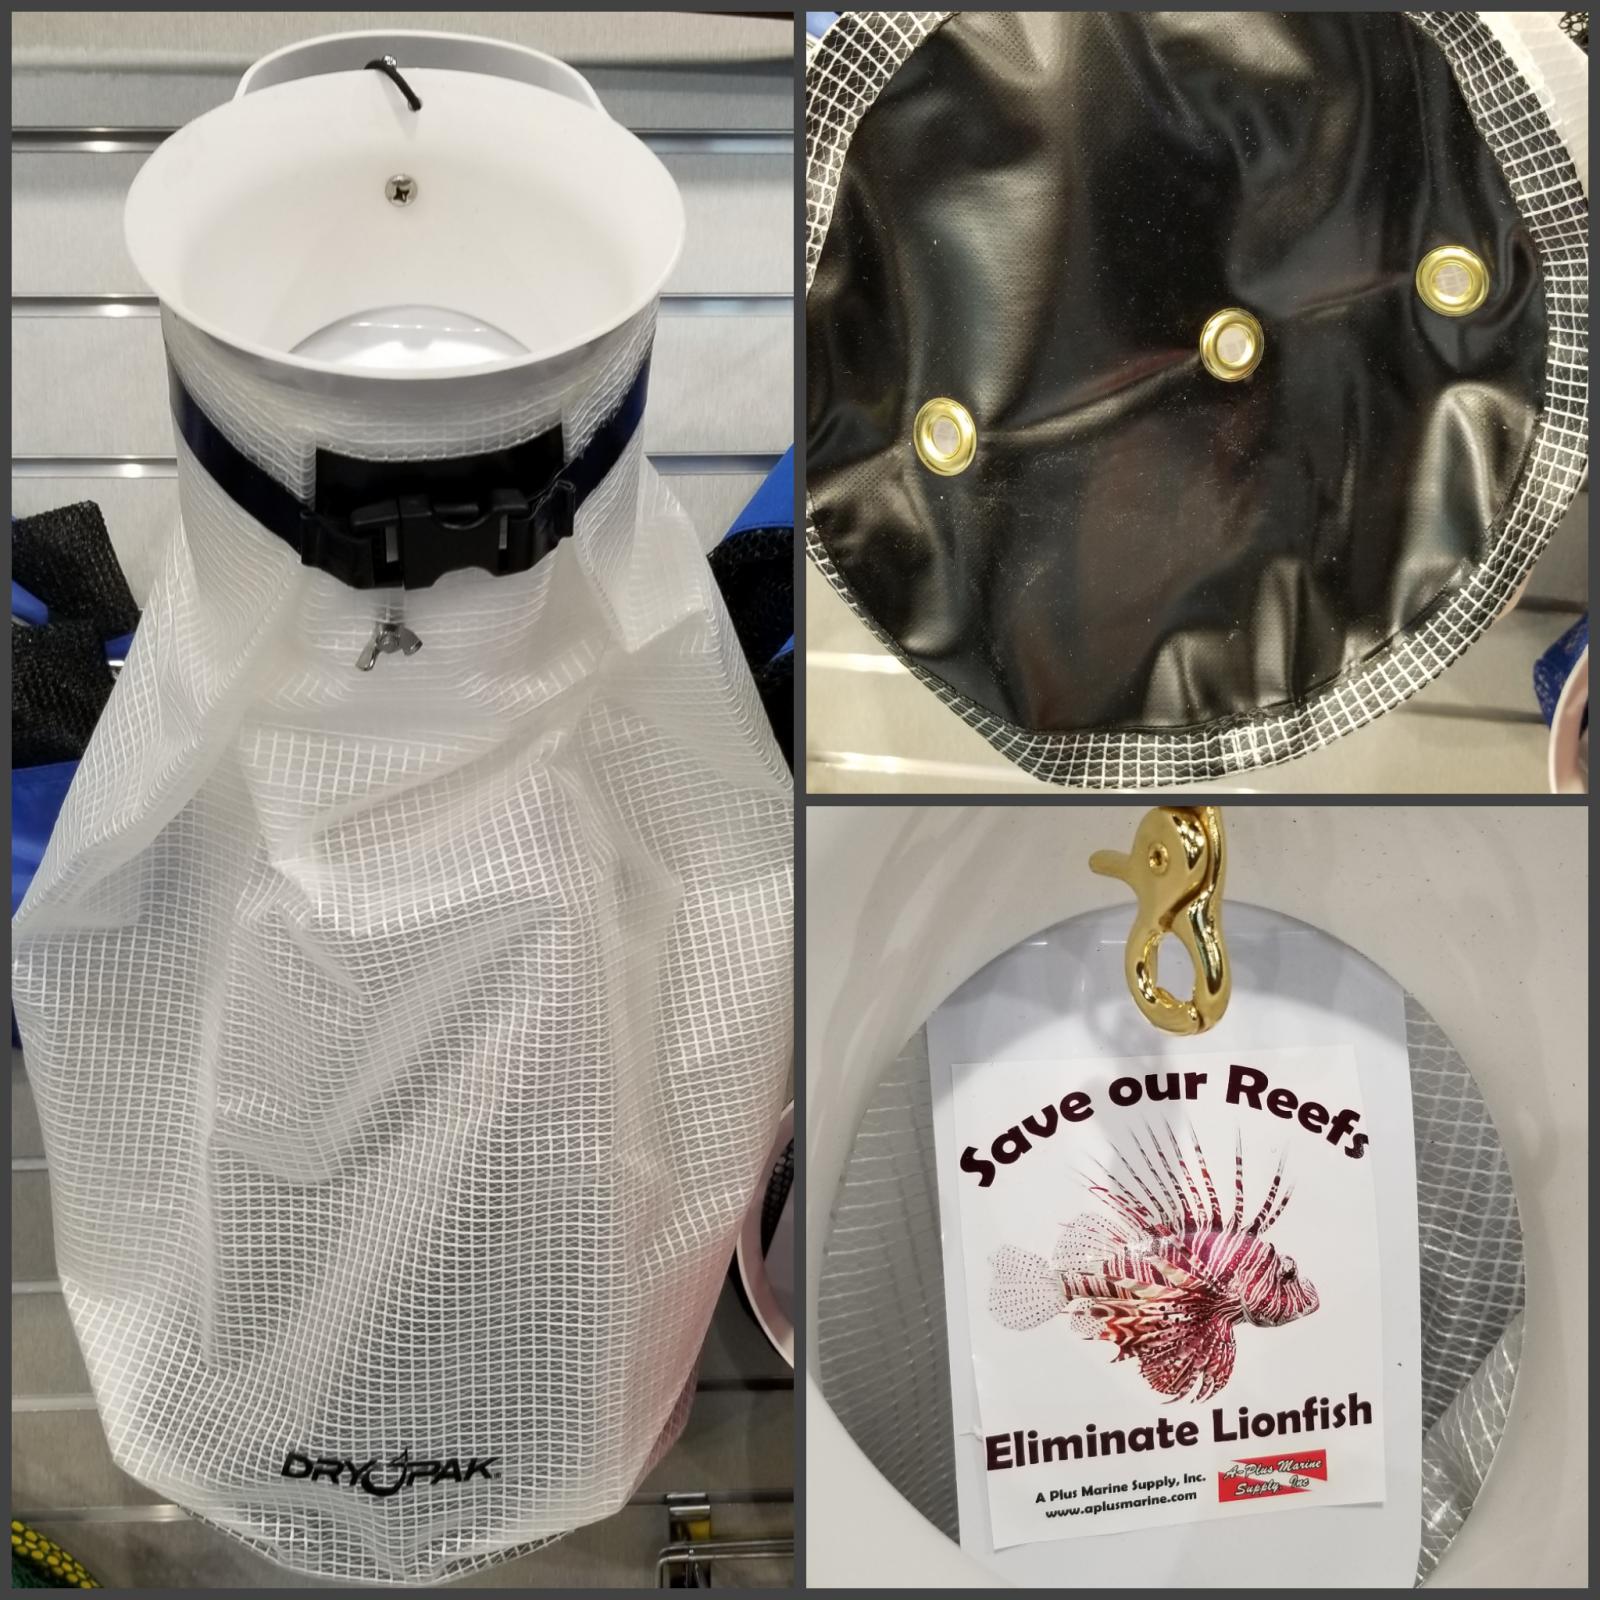 Lobster & Lionfish Bag